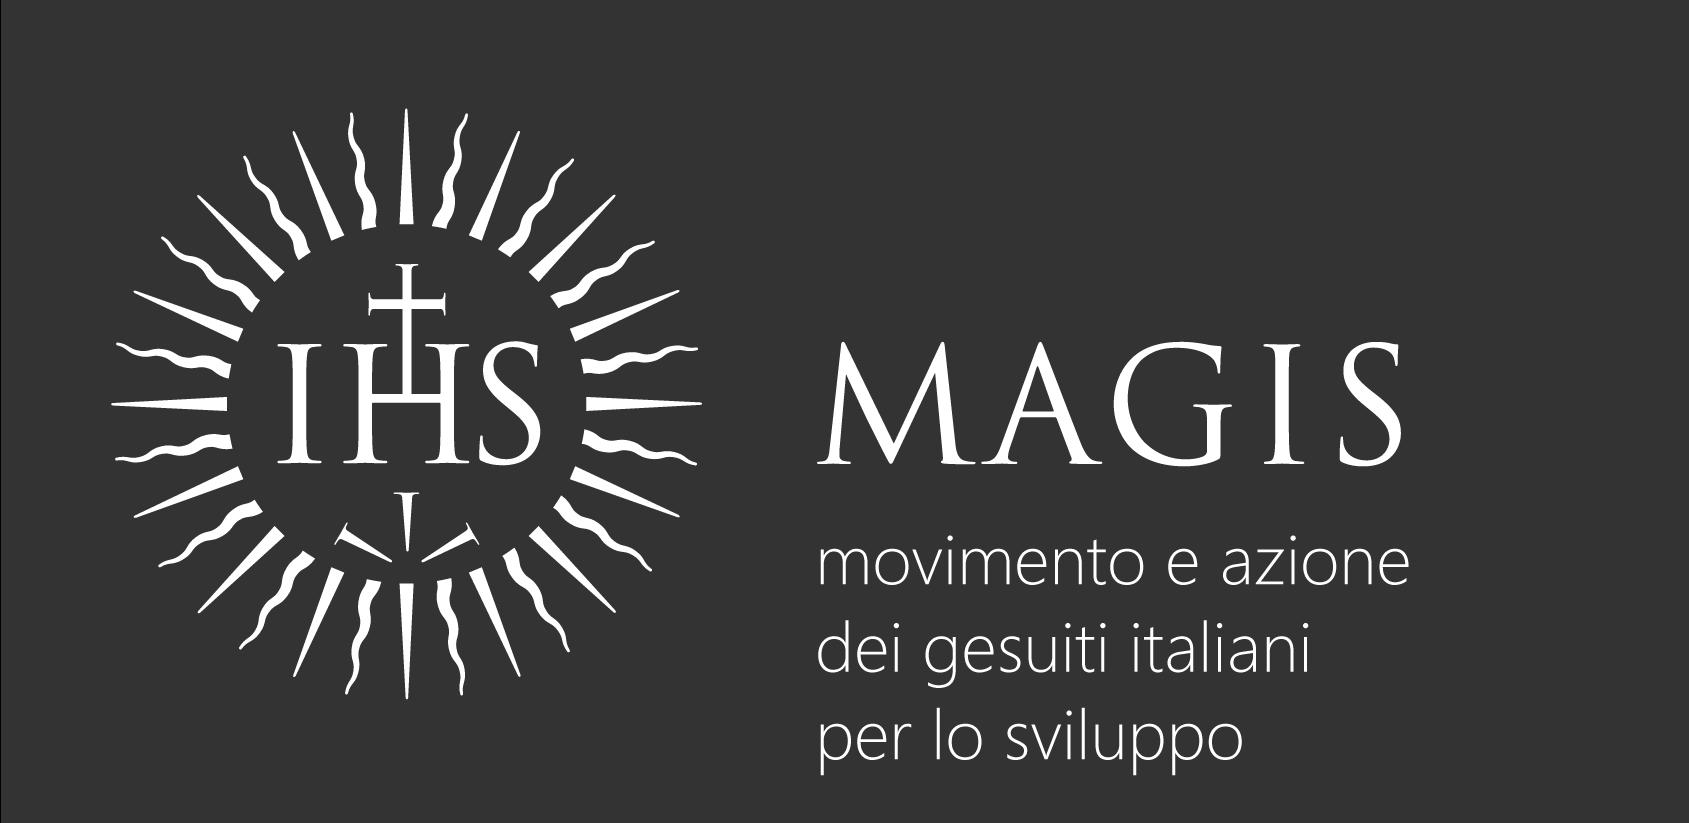 Fondazione MAGIS